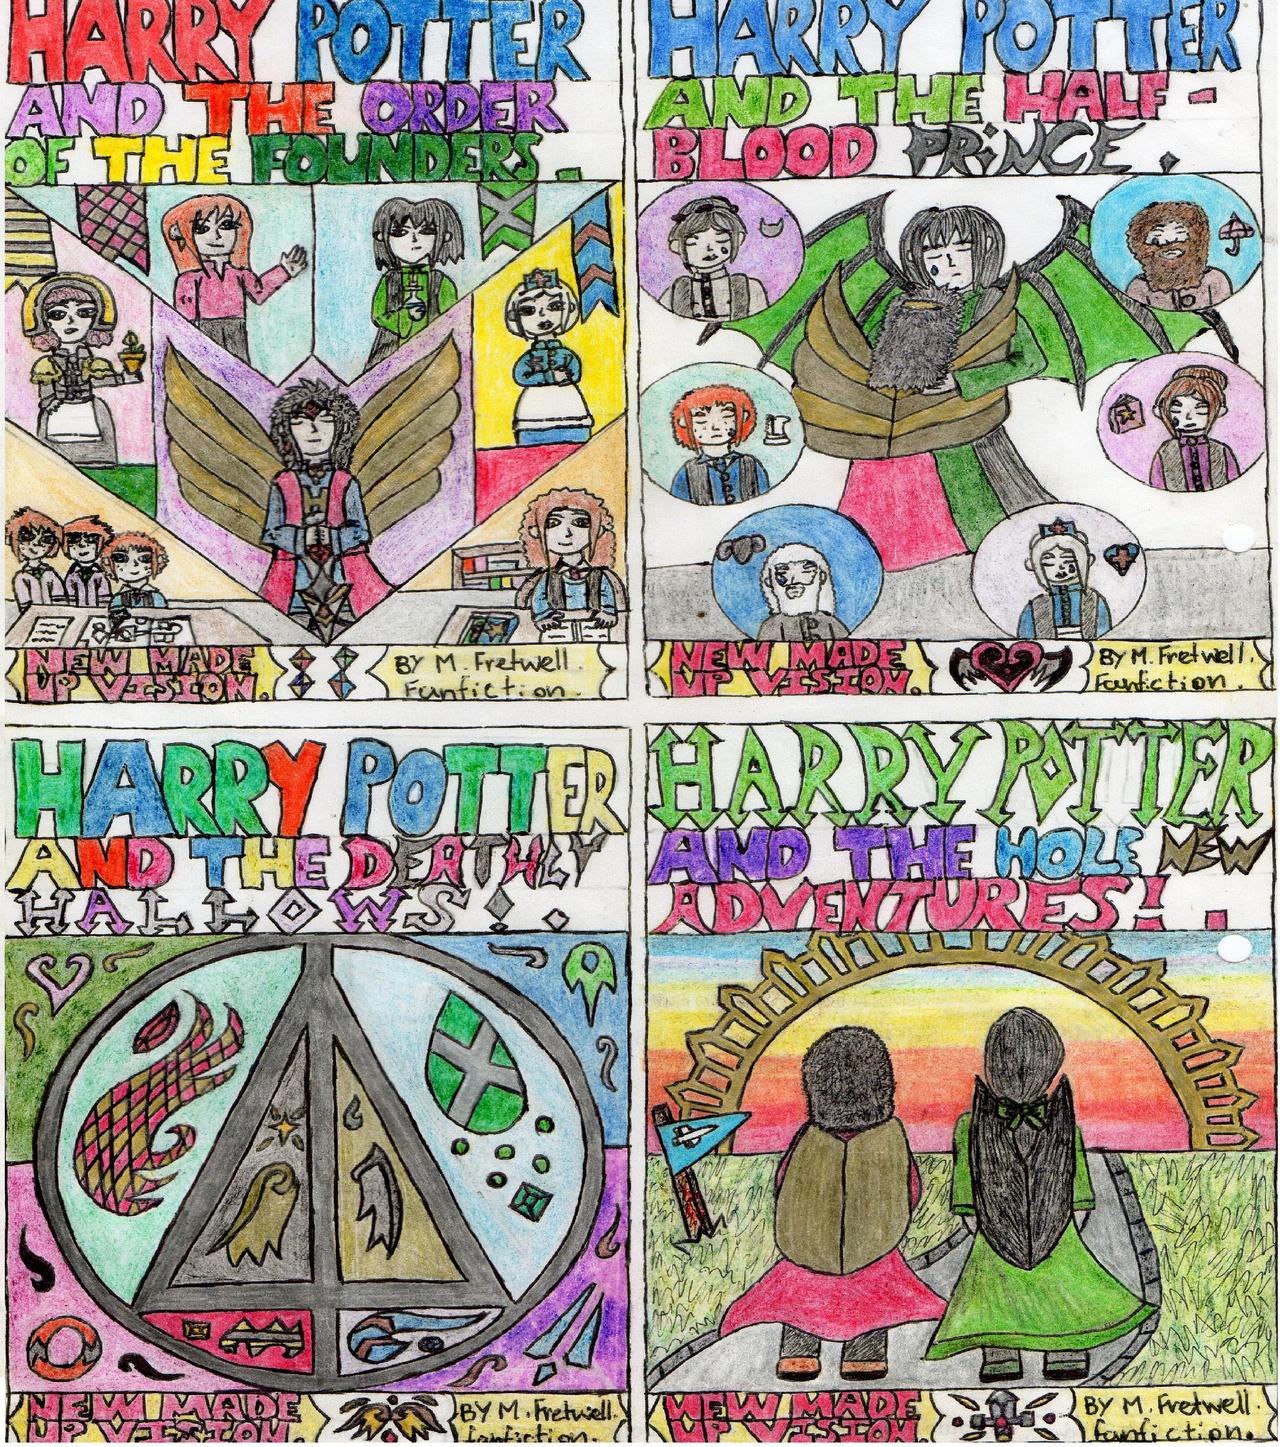 Harry potter cover design part 2 by kingfret